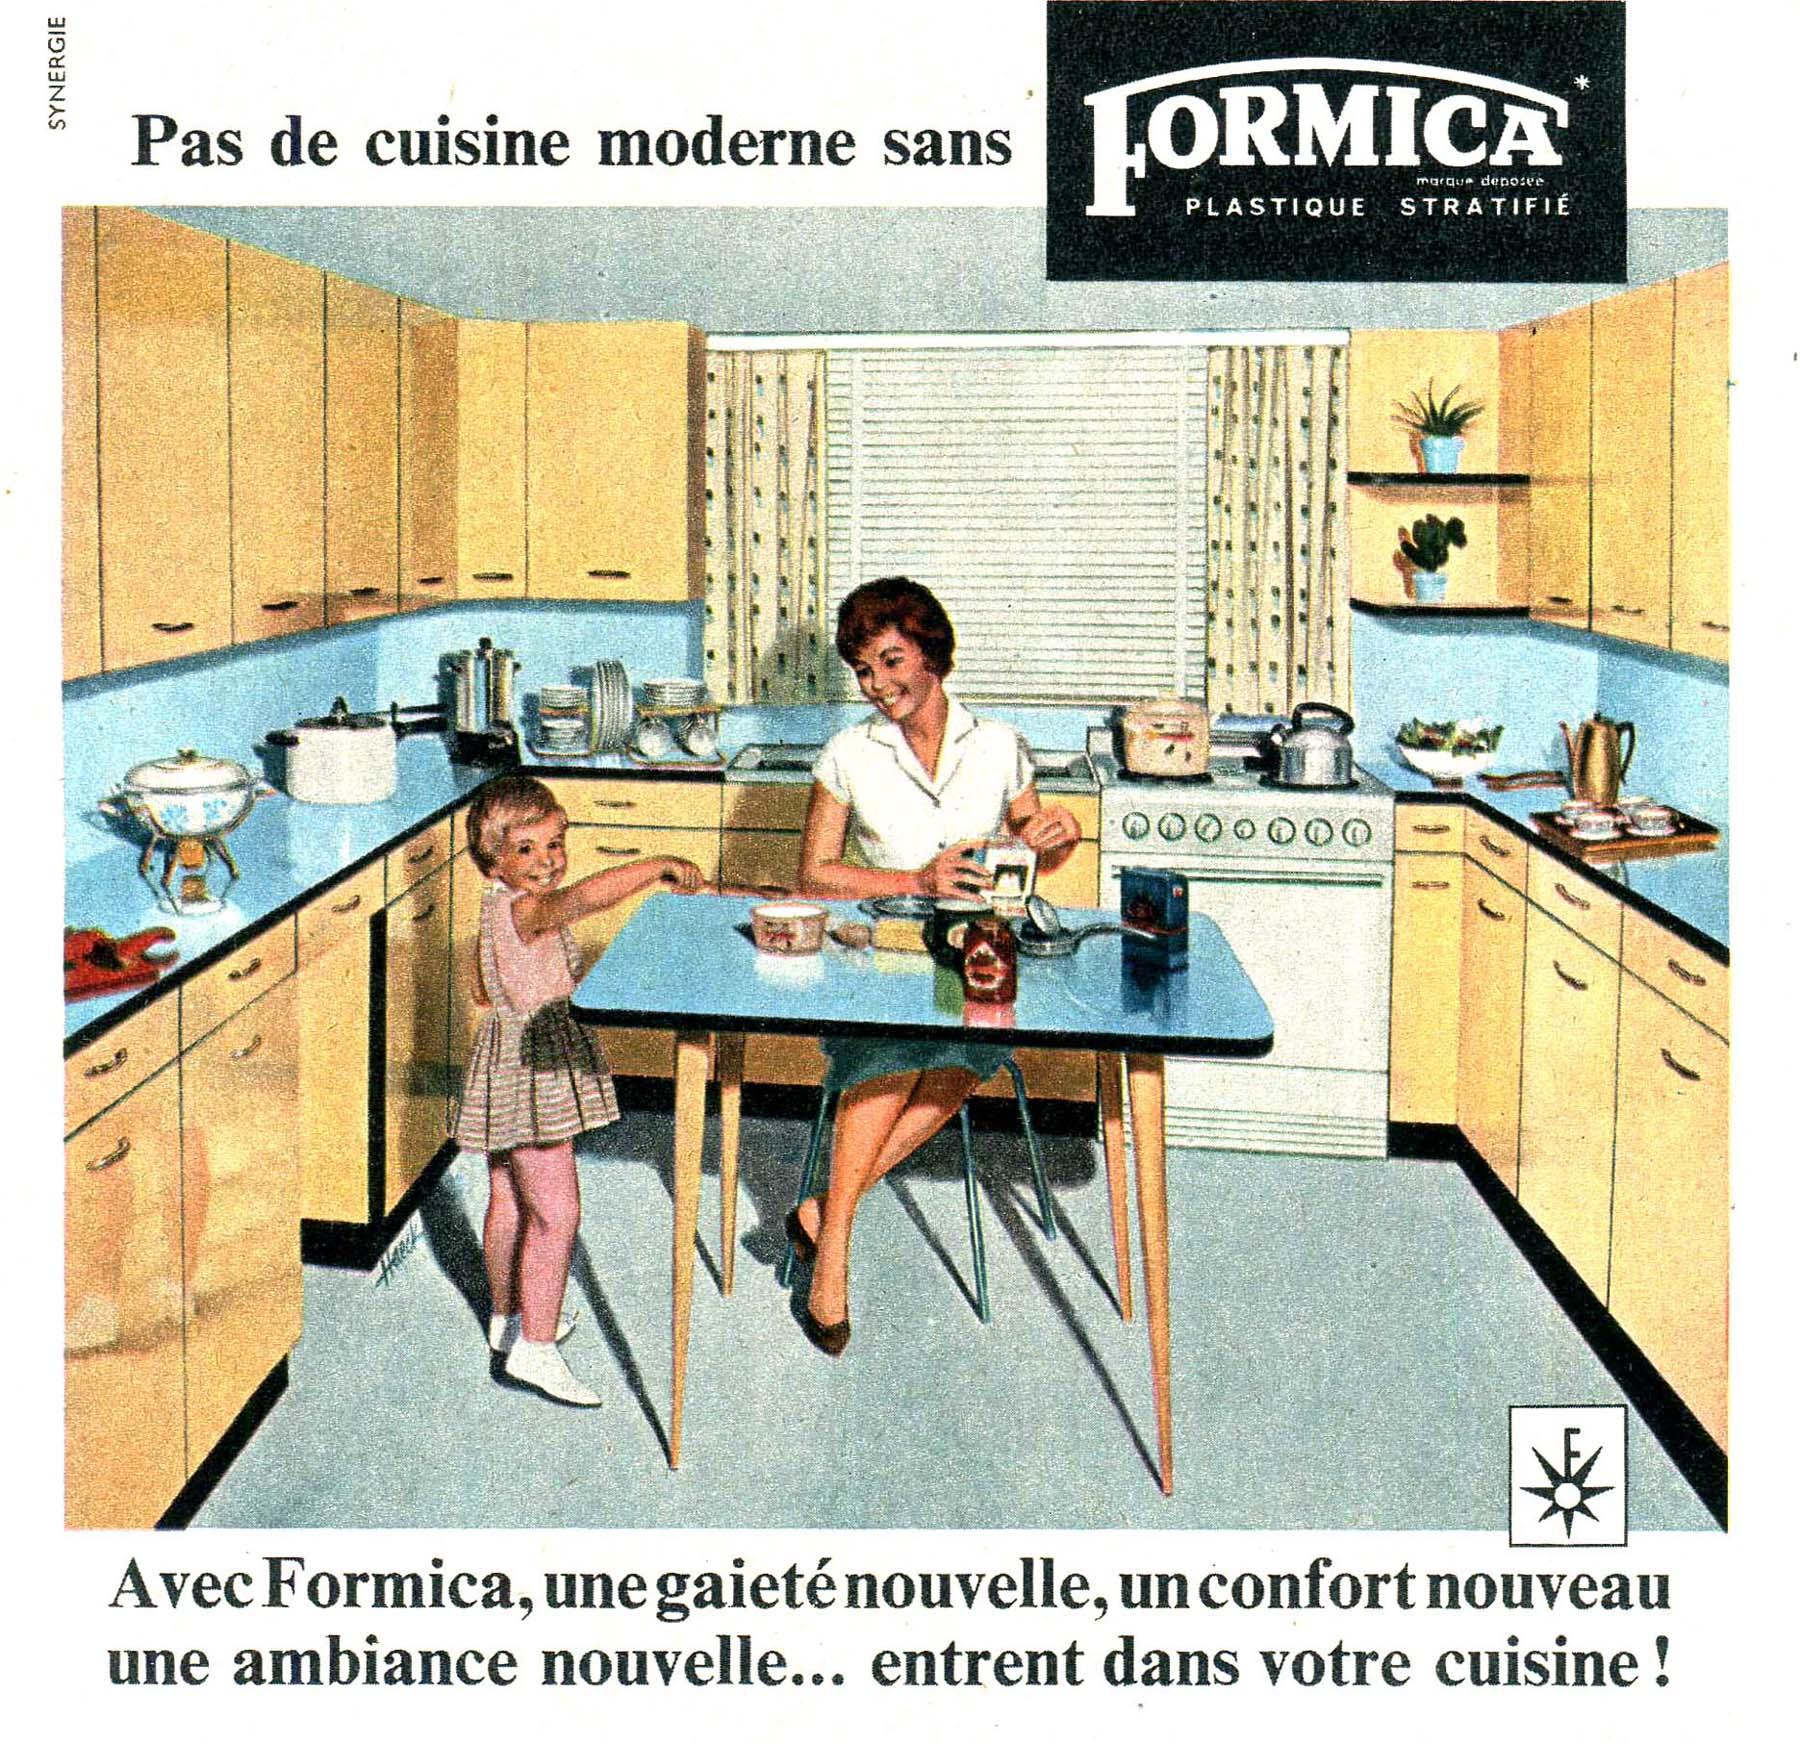 mobilier vintage en formica le style populaire des années 1960